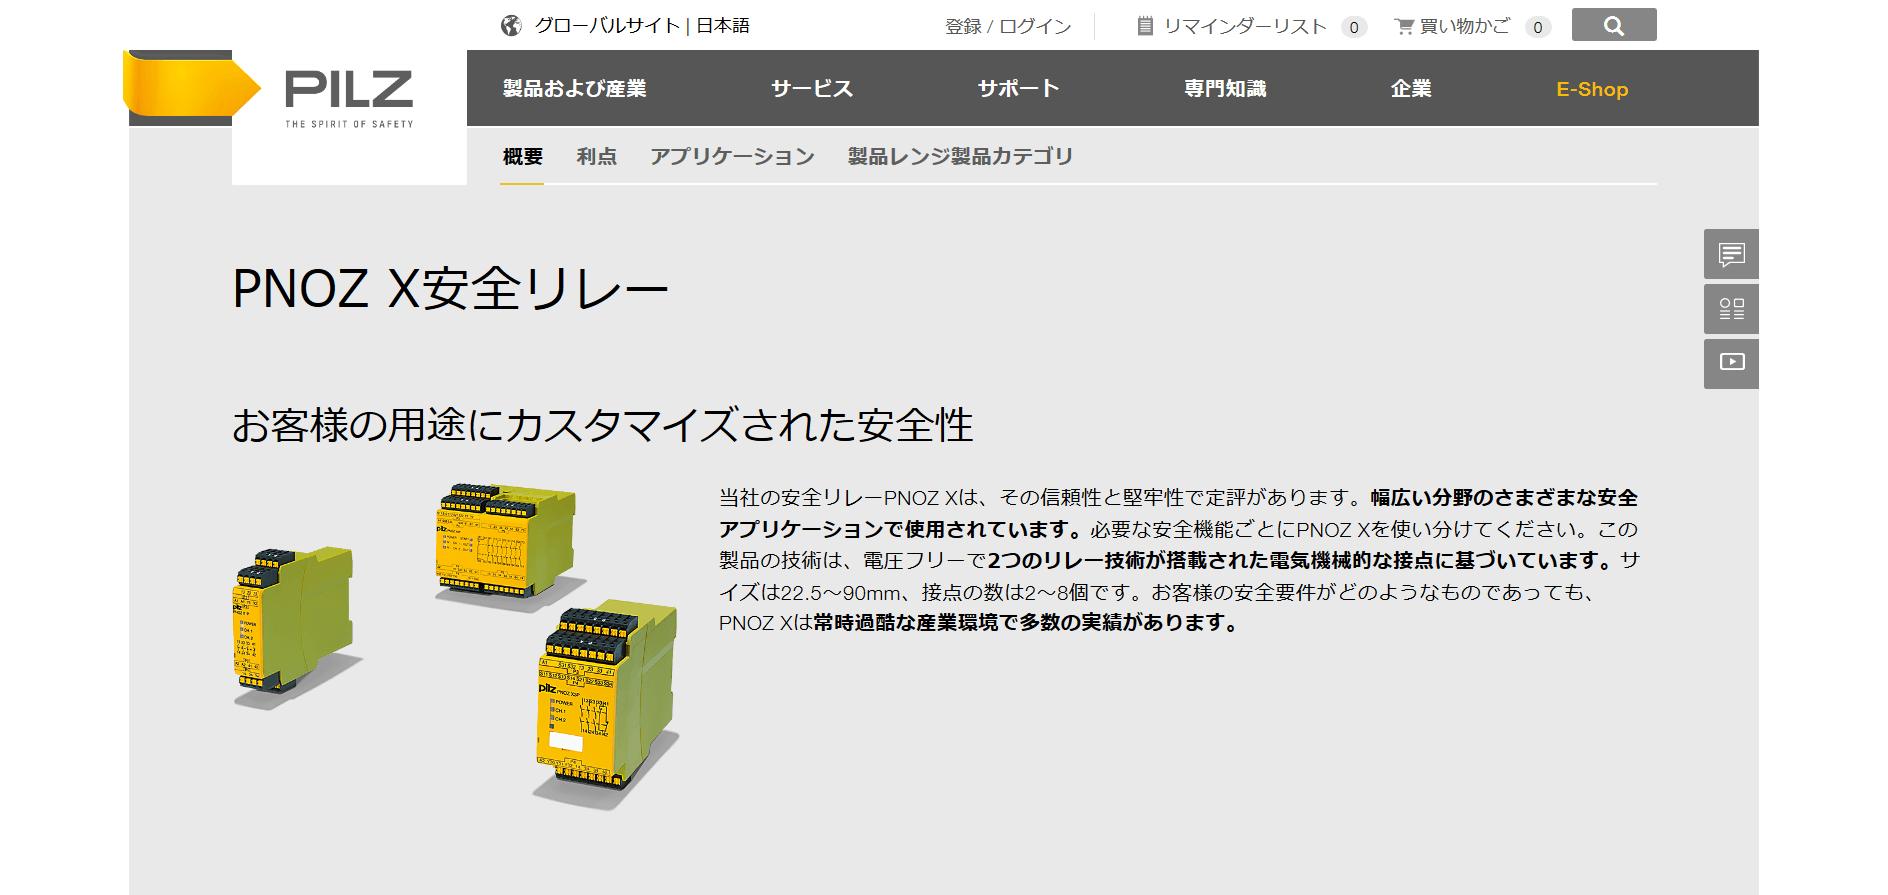 PNOZ X安全リレー